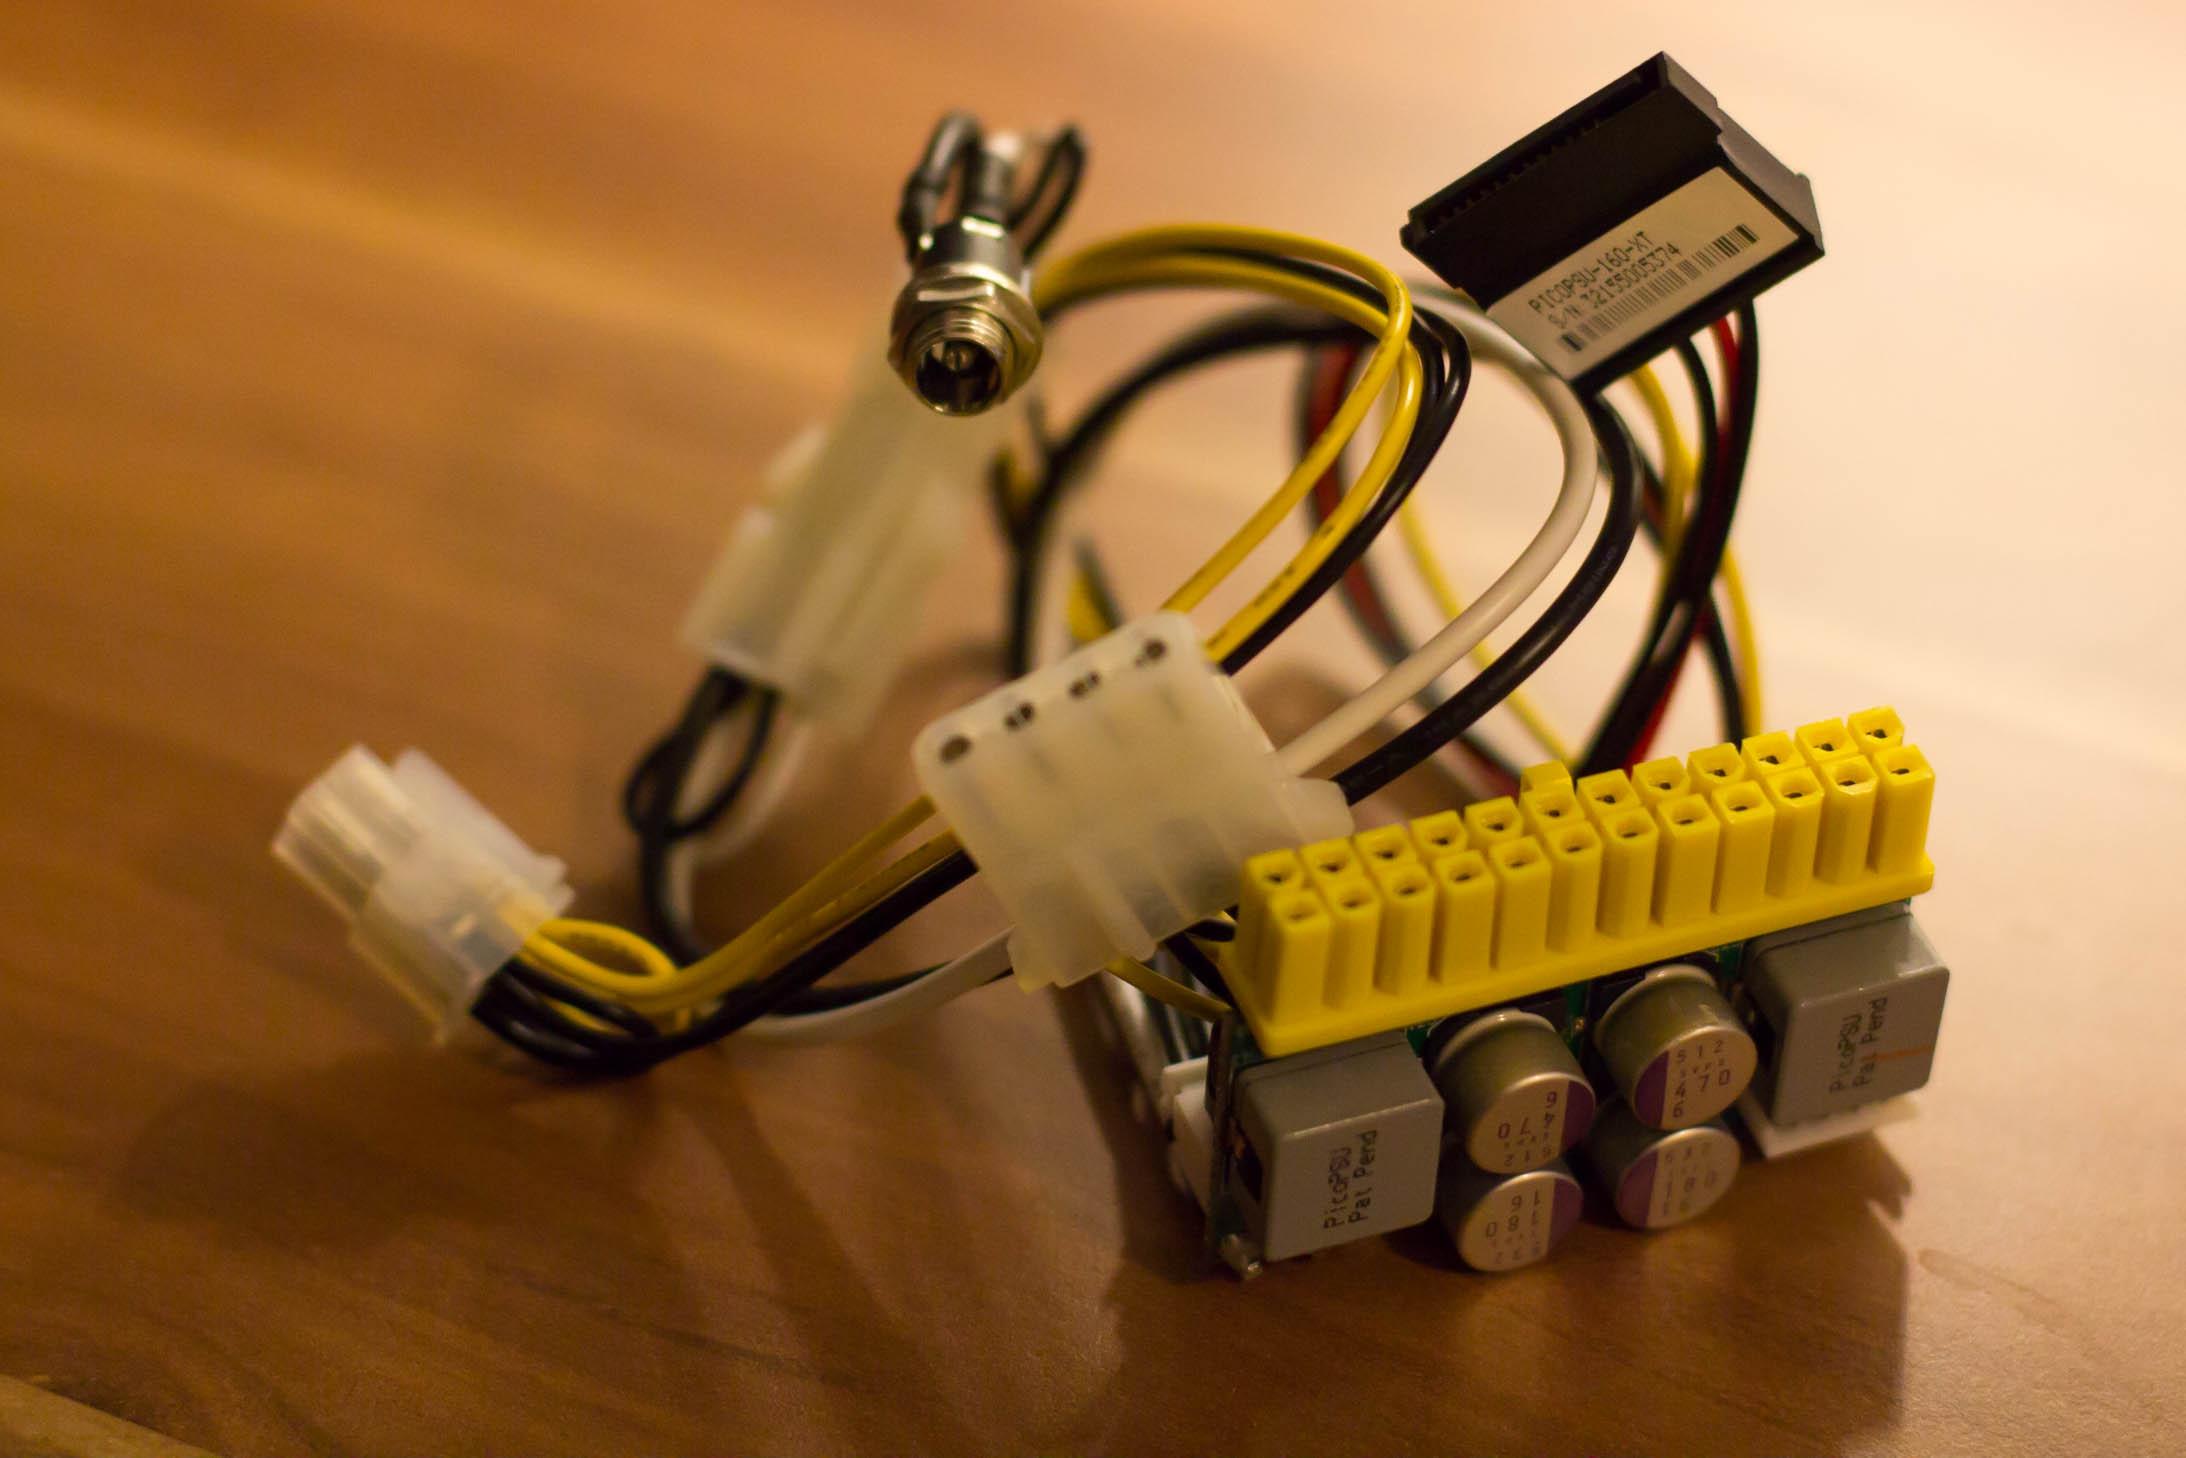 Das PicoPSU 160-XT Netzteil für den MicroServer Gen 8 passt in den ATX-Stecker und hat einige SATA- und Molex-Anschlüsse.